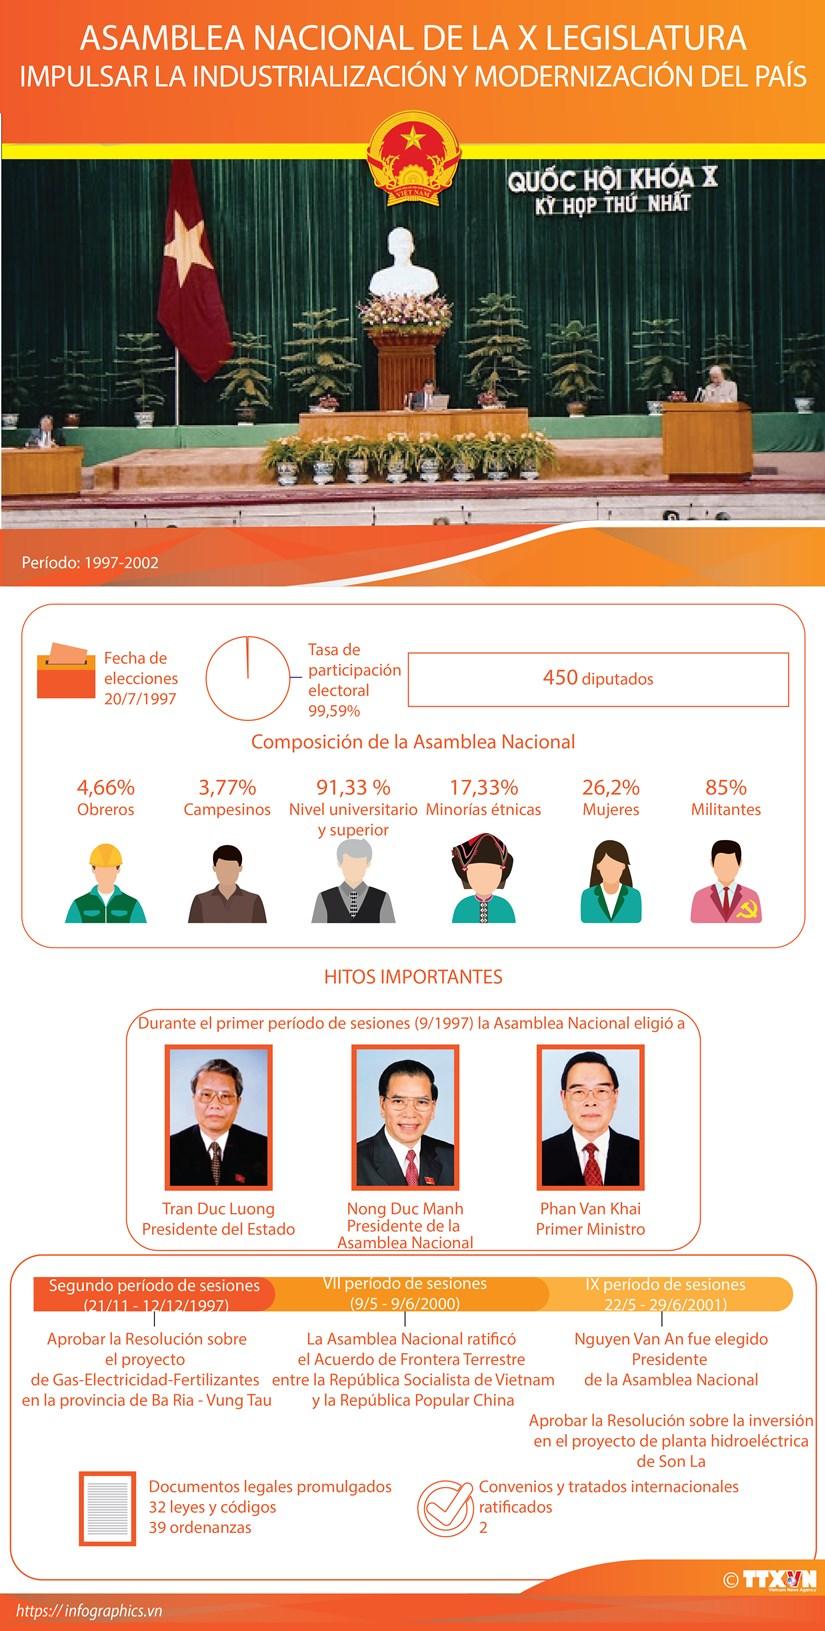 Asamblea Nacional de la X Legislatura hinh anh 1